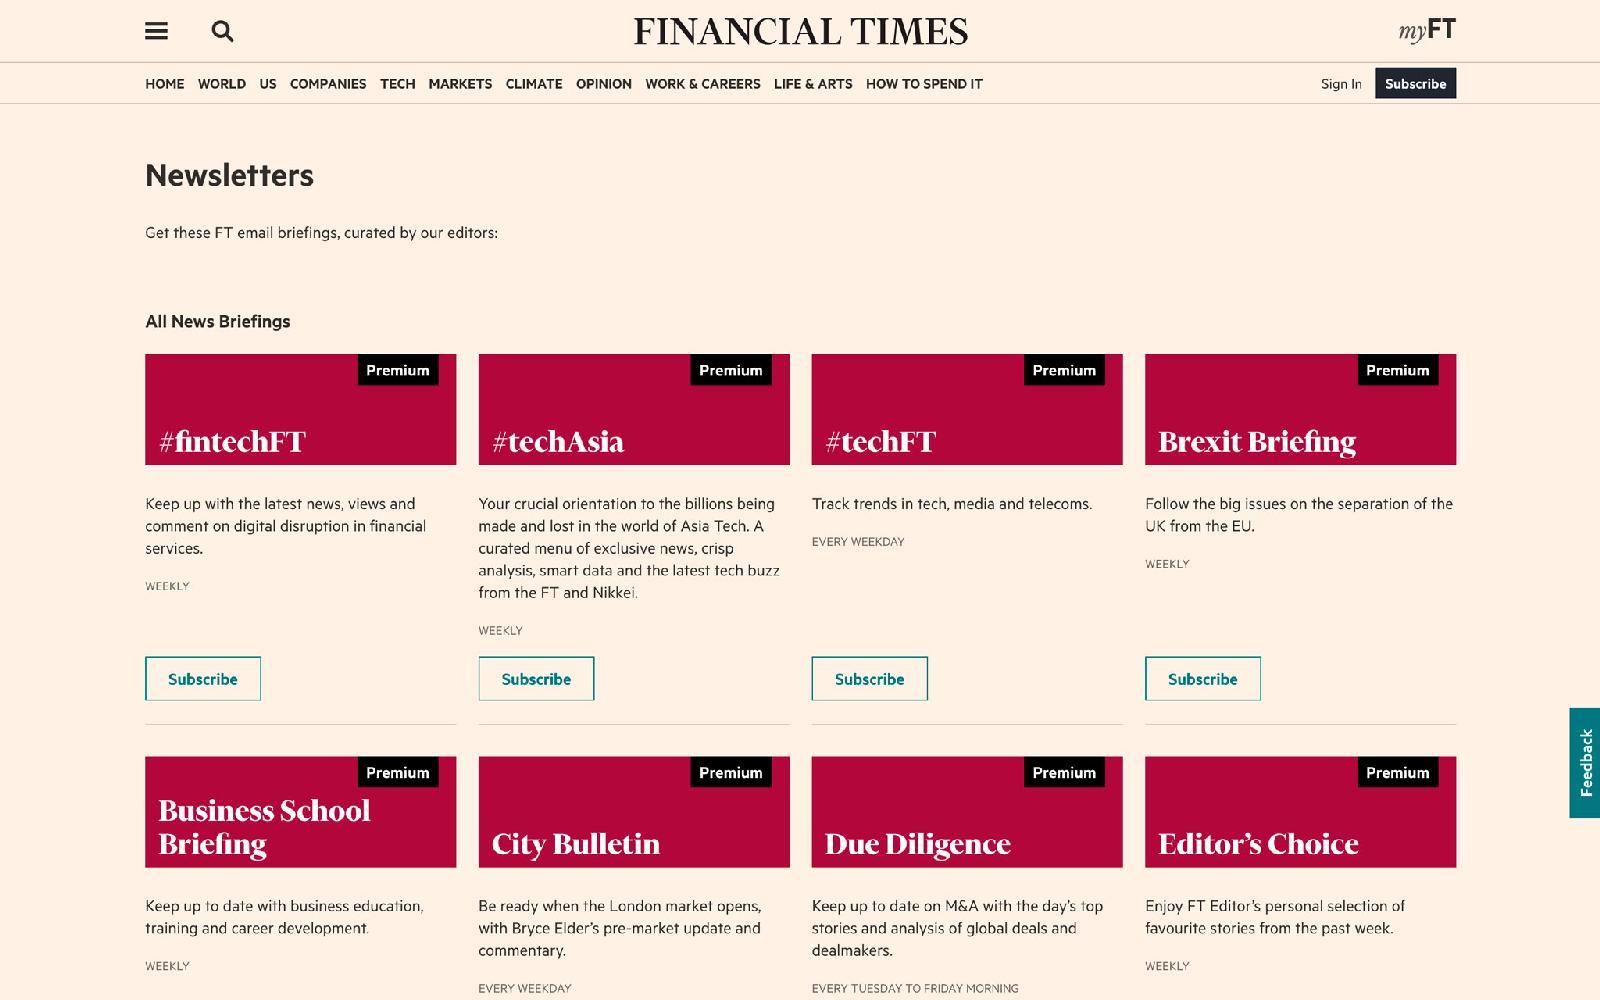 Financial Times выпускает более 40 e-mail-рассылок